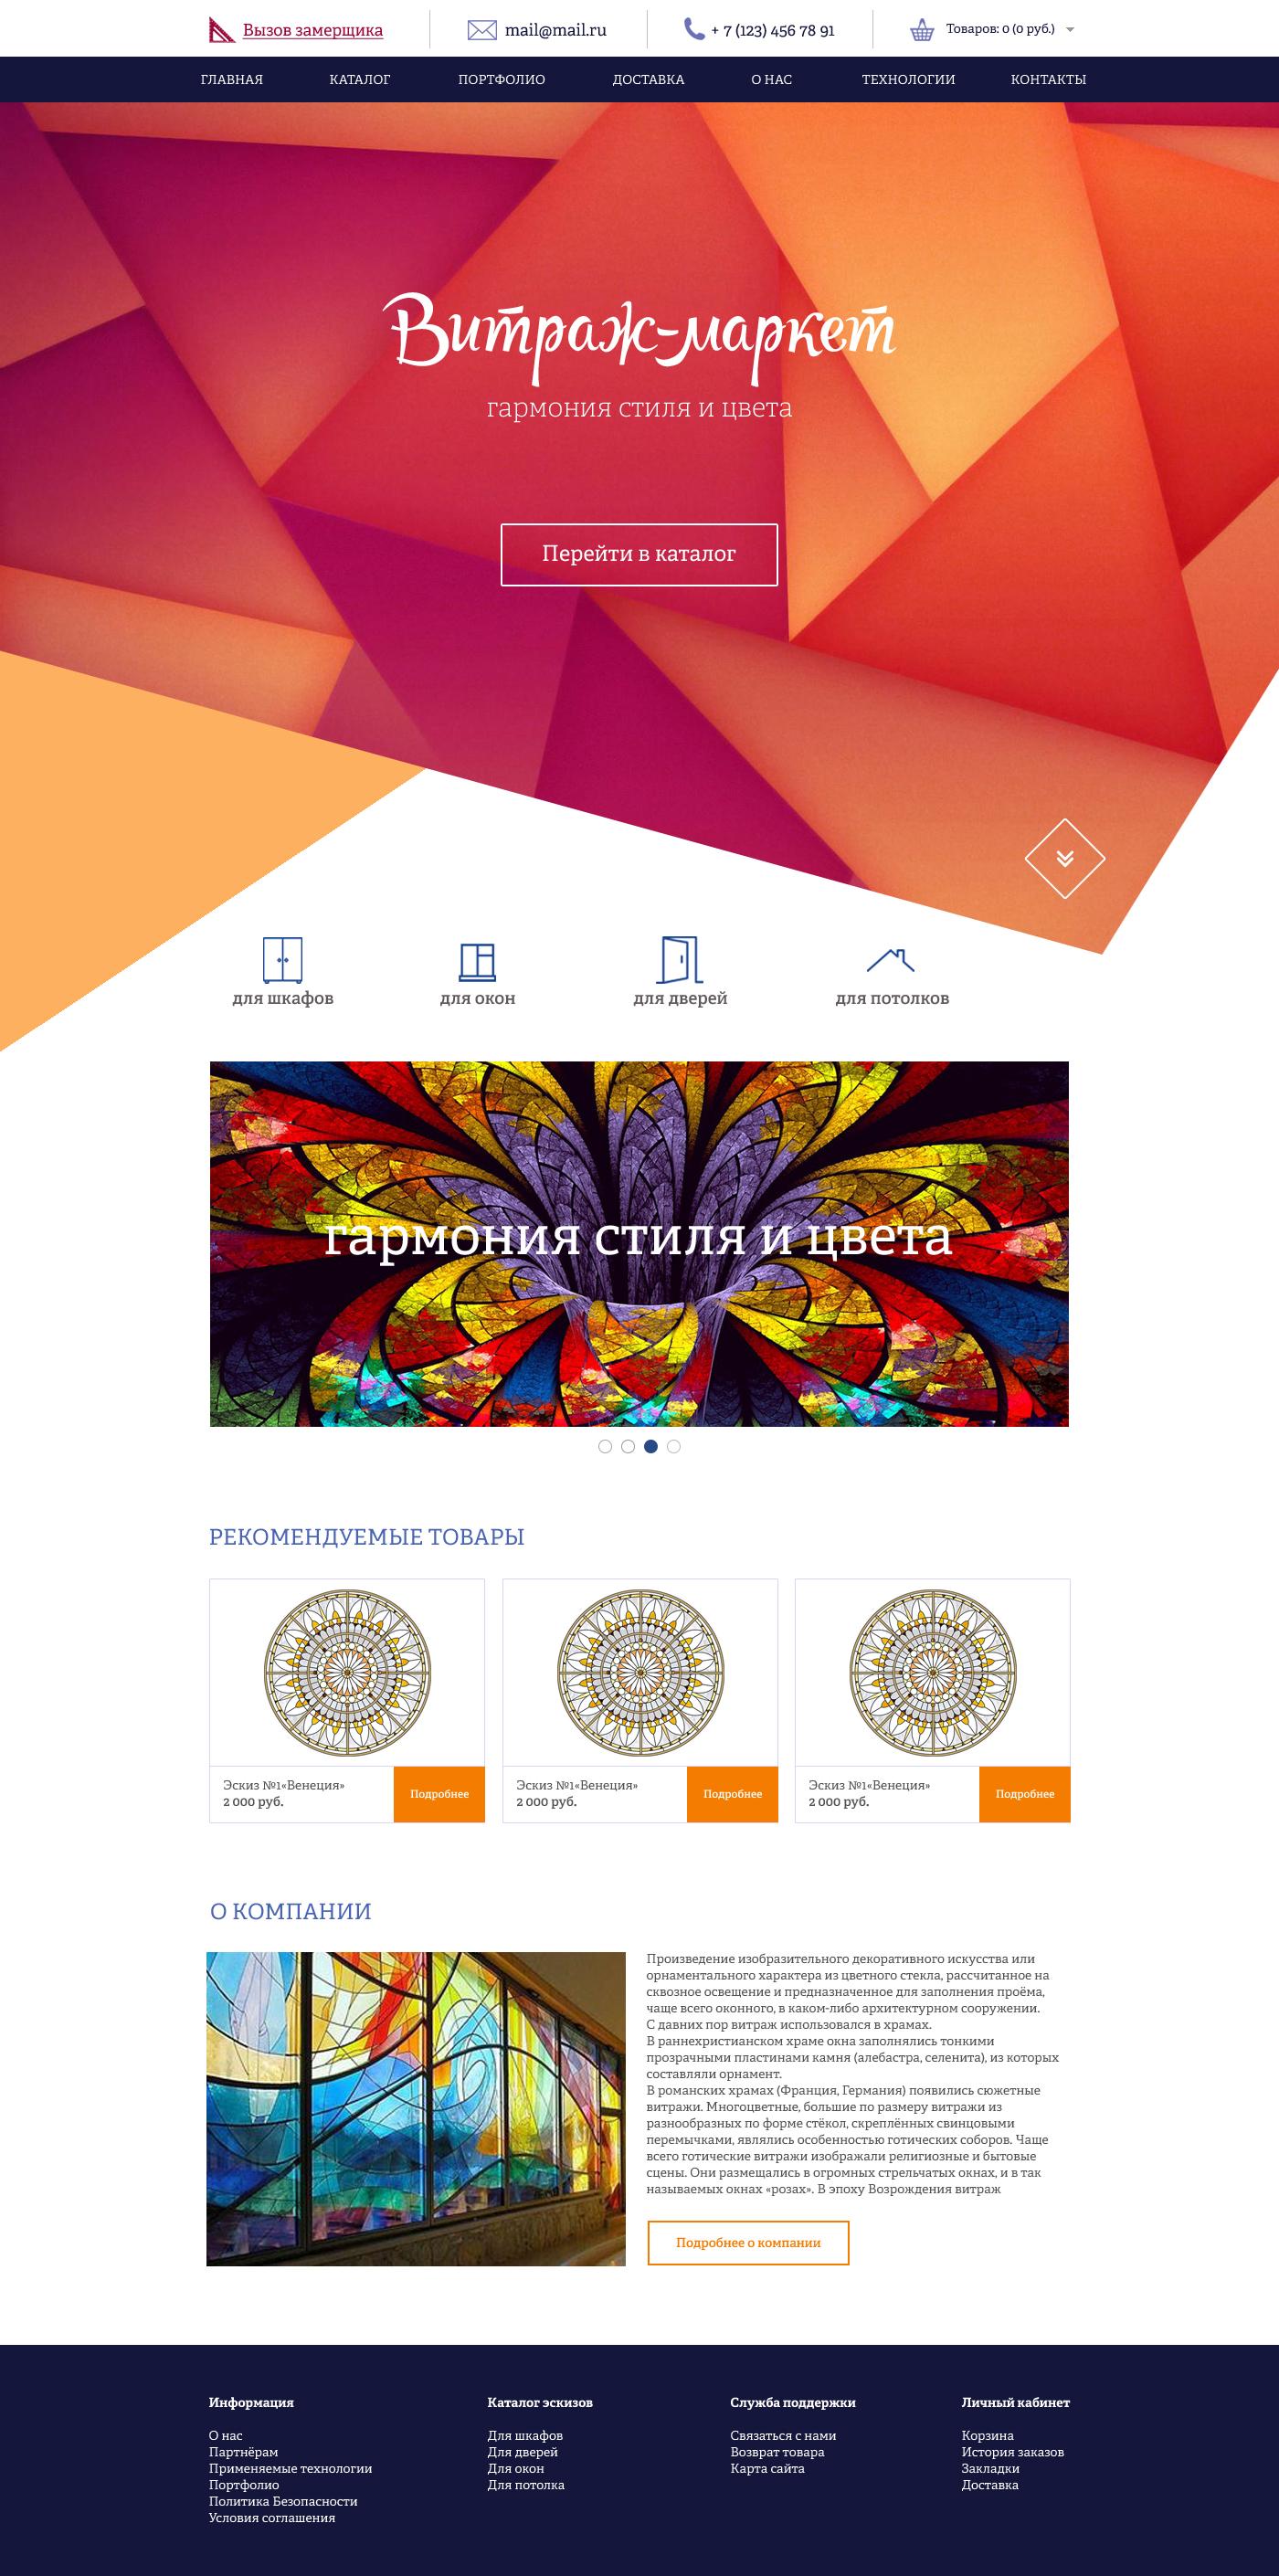 Дизайн главной страницы интернет-магазина витражей